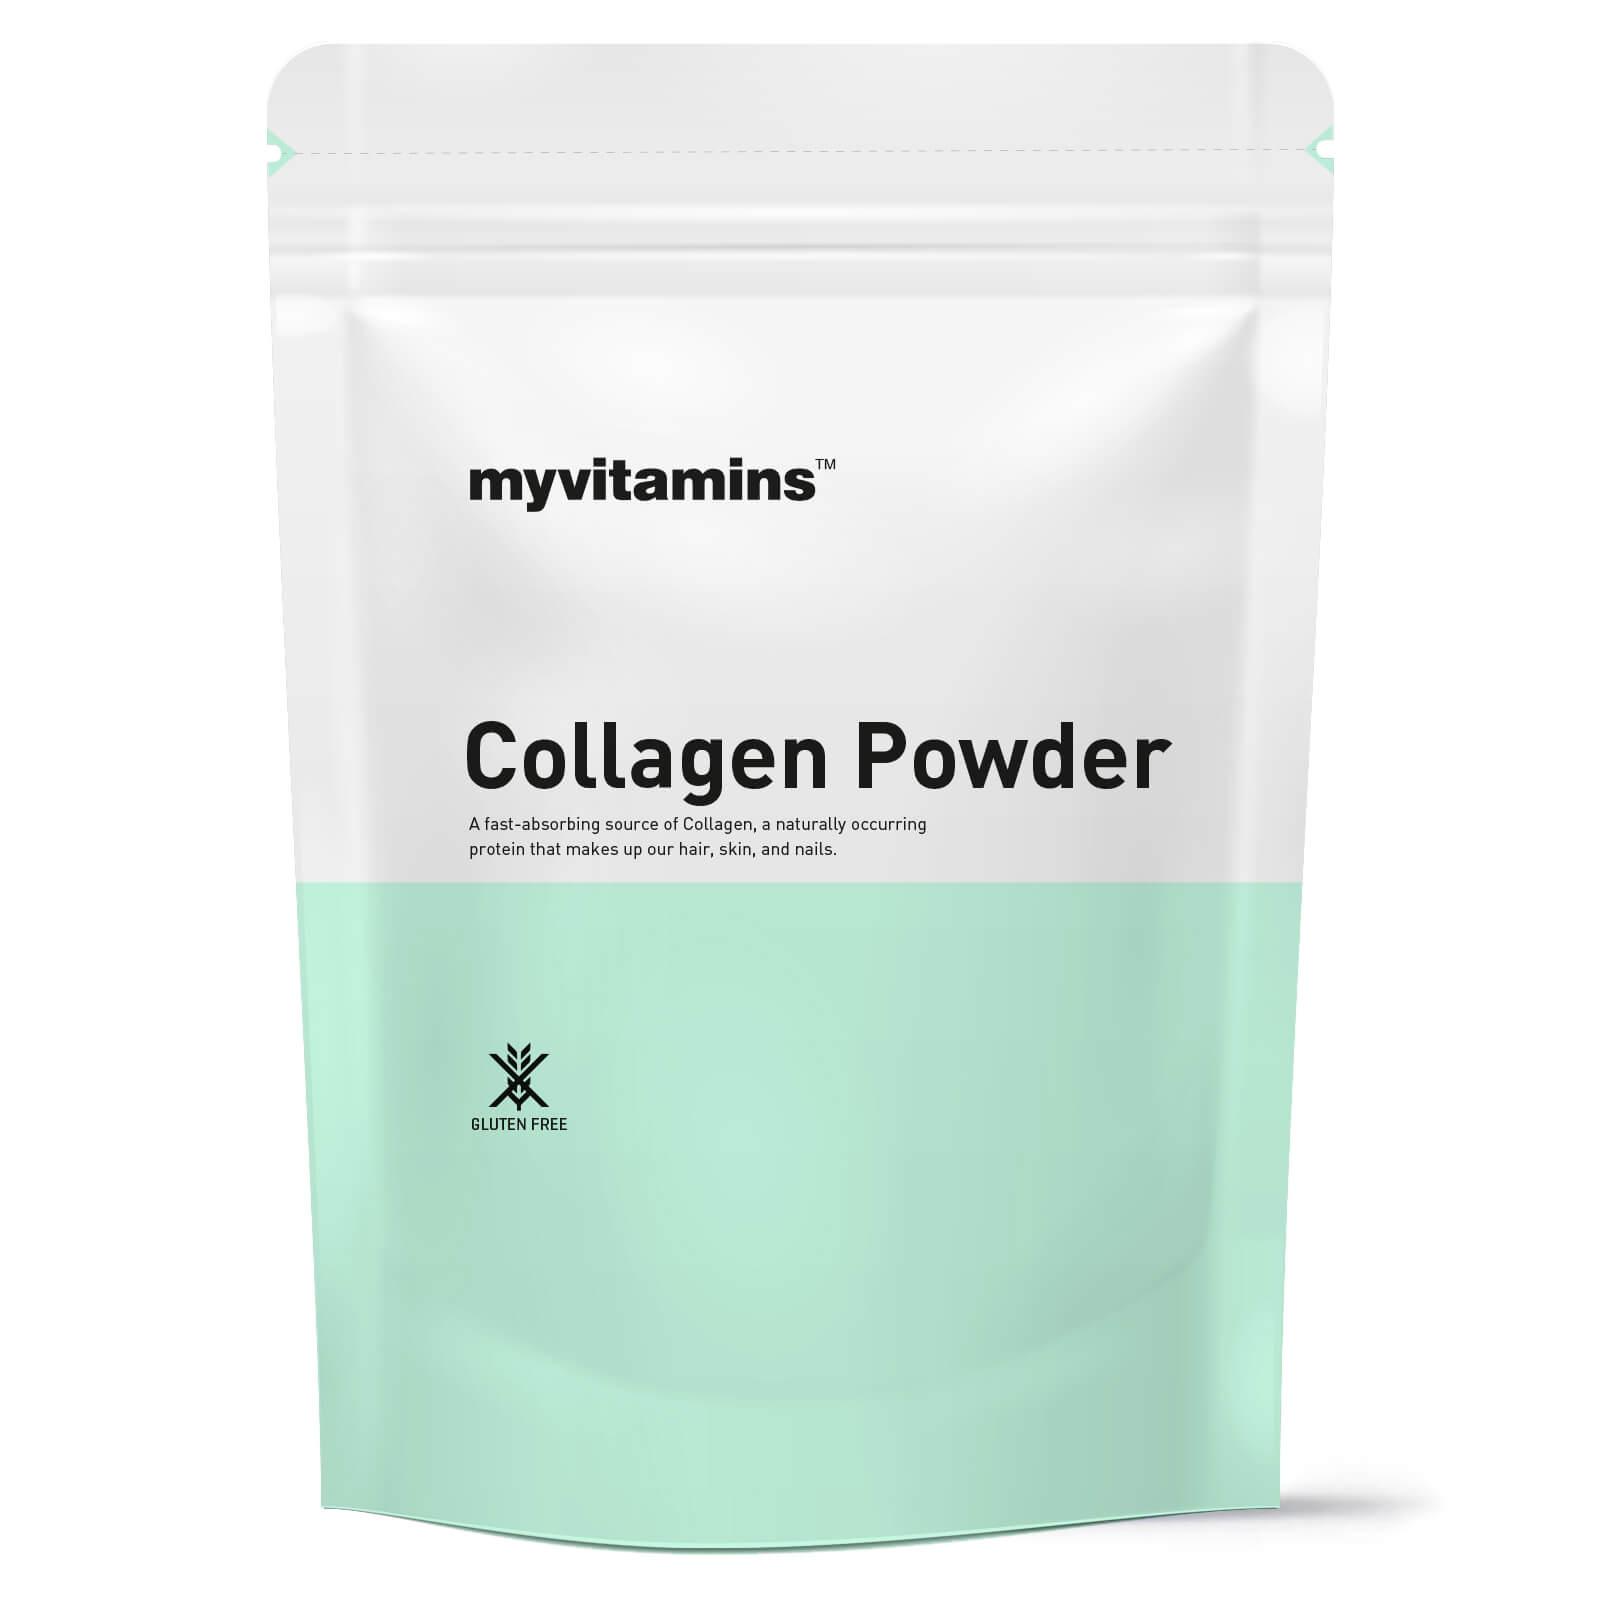 16e911a90e0 myvitamins Collagen Powder